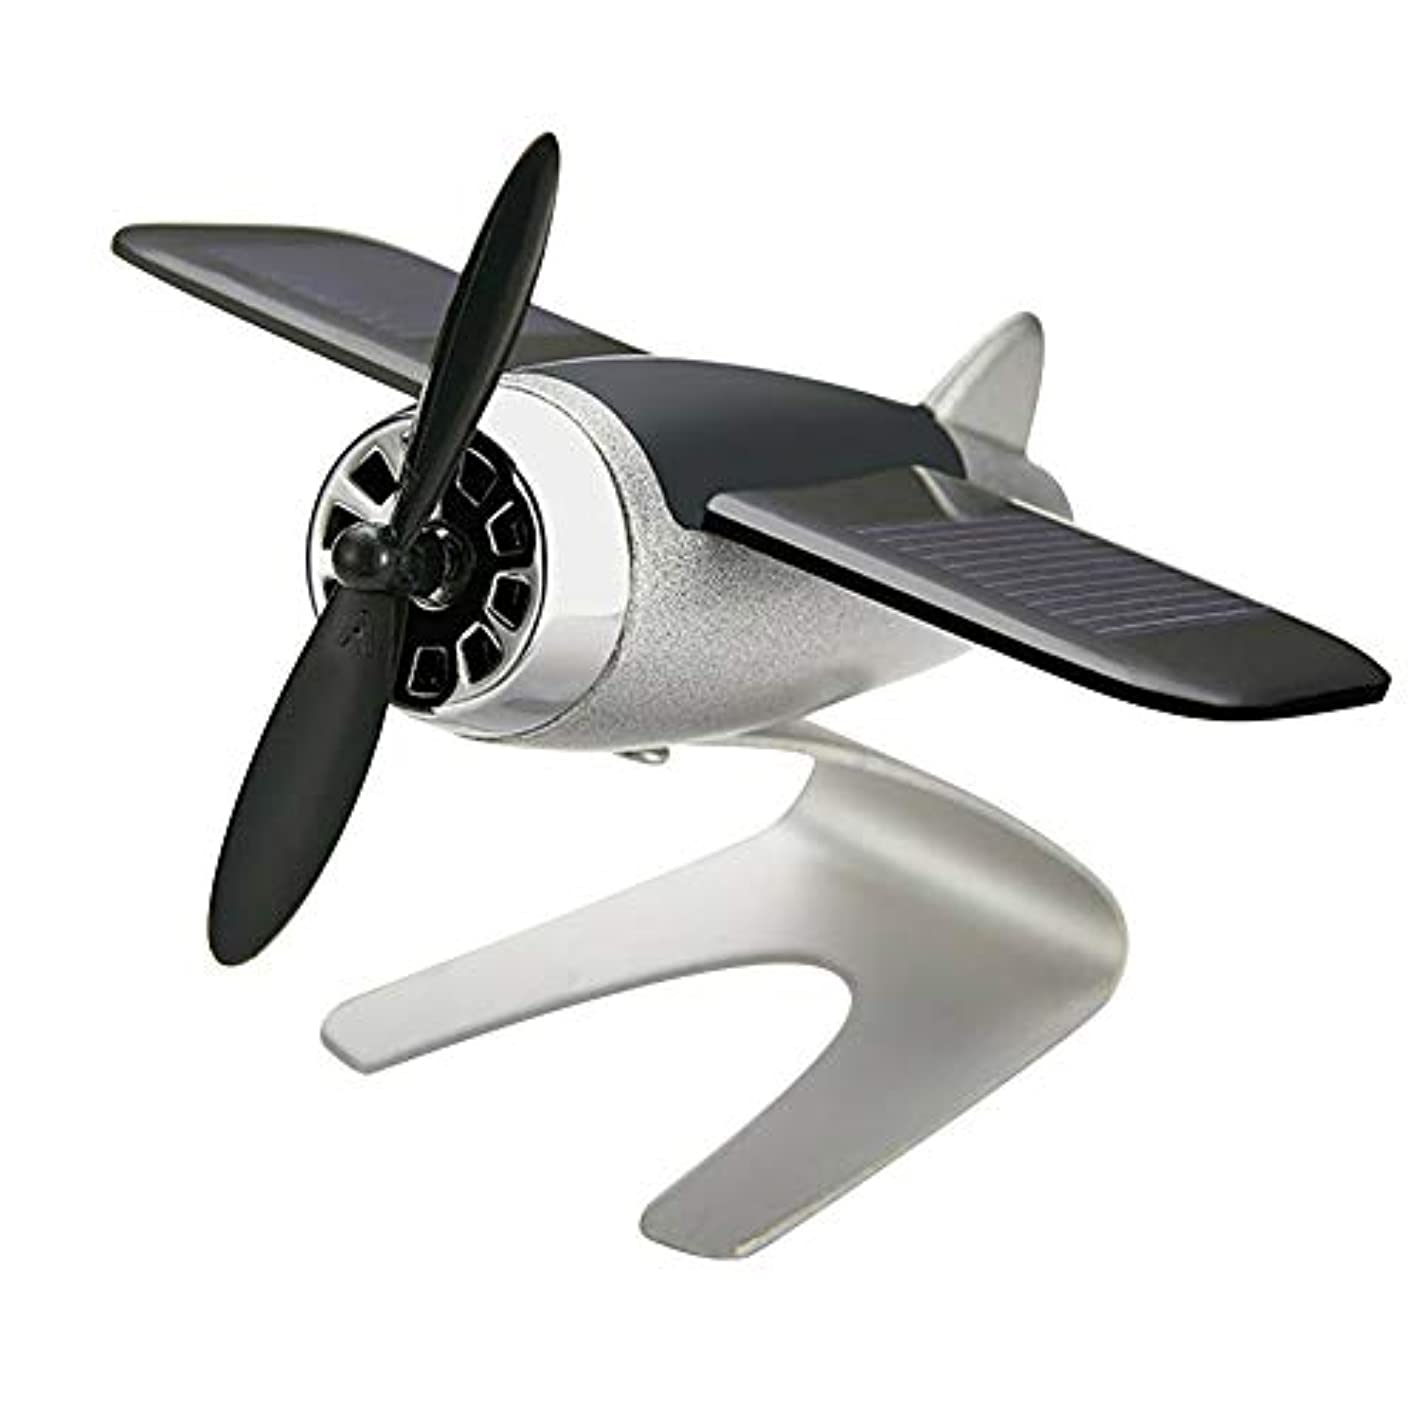 スクリーチ上に上回るSymboat 車の芳香剤飛行機航空機モデル太陽エネルギーアロマテラピー室内装飾